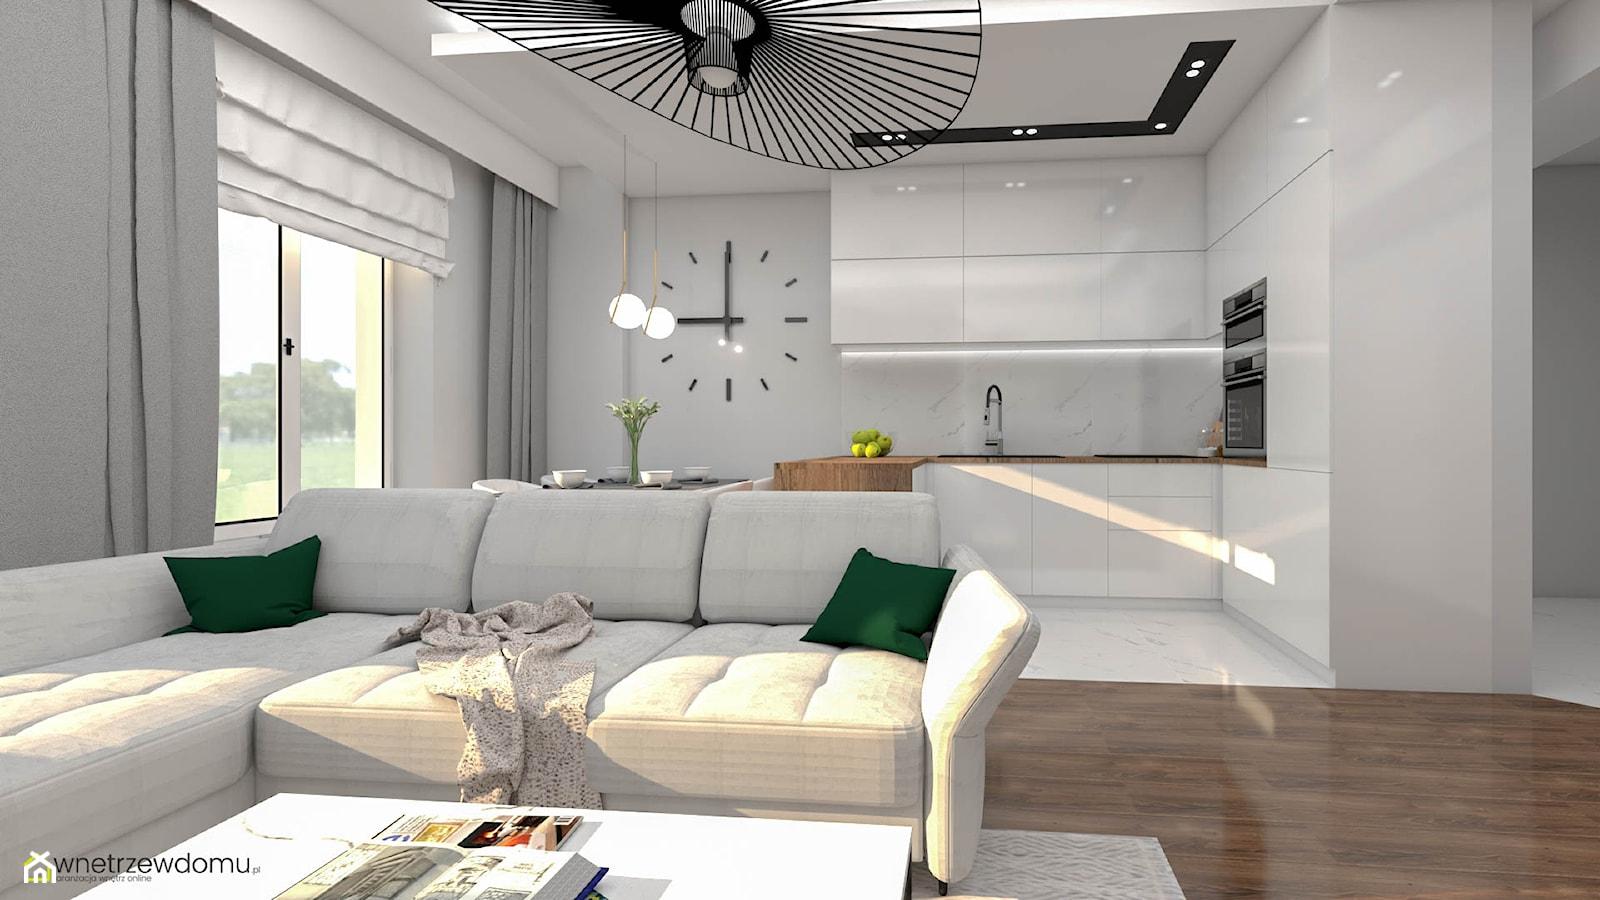 Salon z aneksem kuchennym - zdjęcie od wnetrzewdomu - Homebook